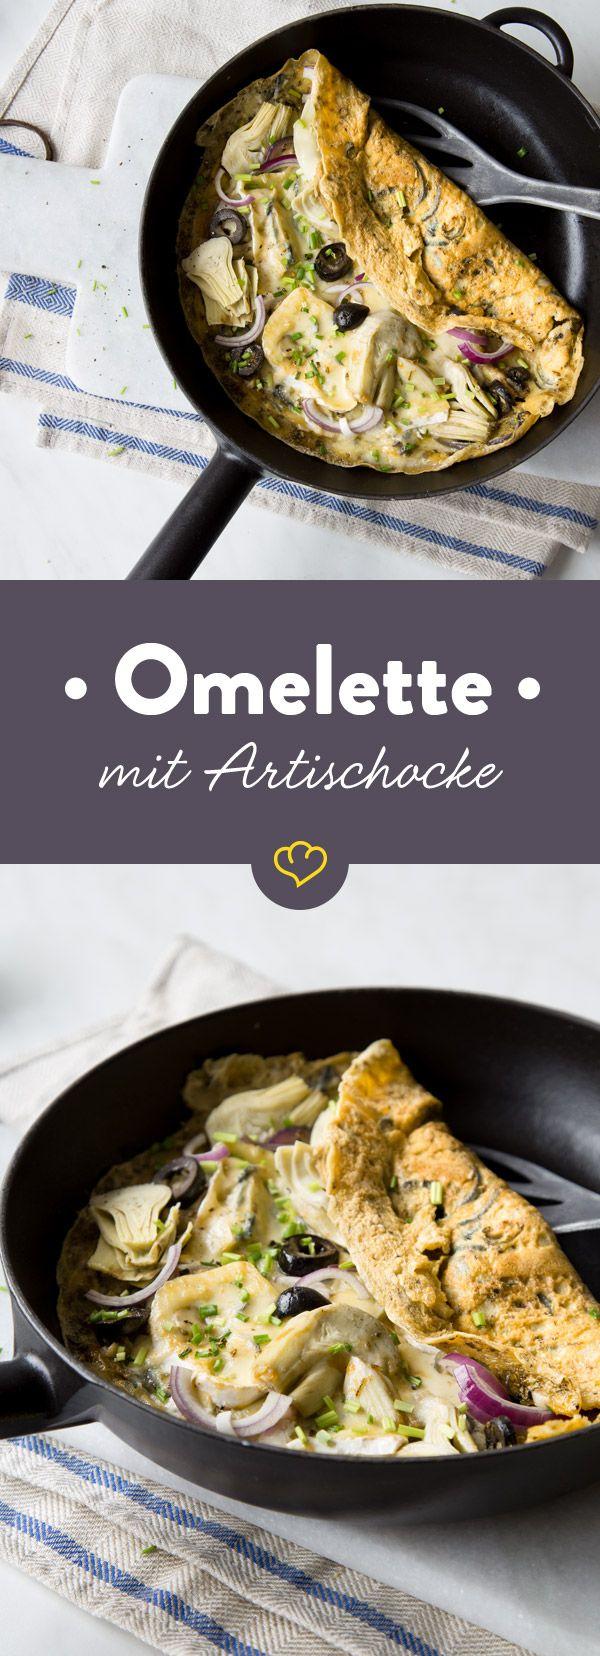 Schnelles Low-Carb-Omelette mit Artischockenherzen, Oliven und cremigem Blauschimmelkäse. Das geht fix, macht satt und ist super lecker.